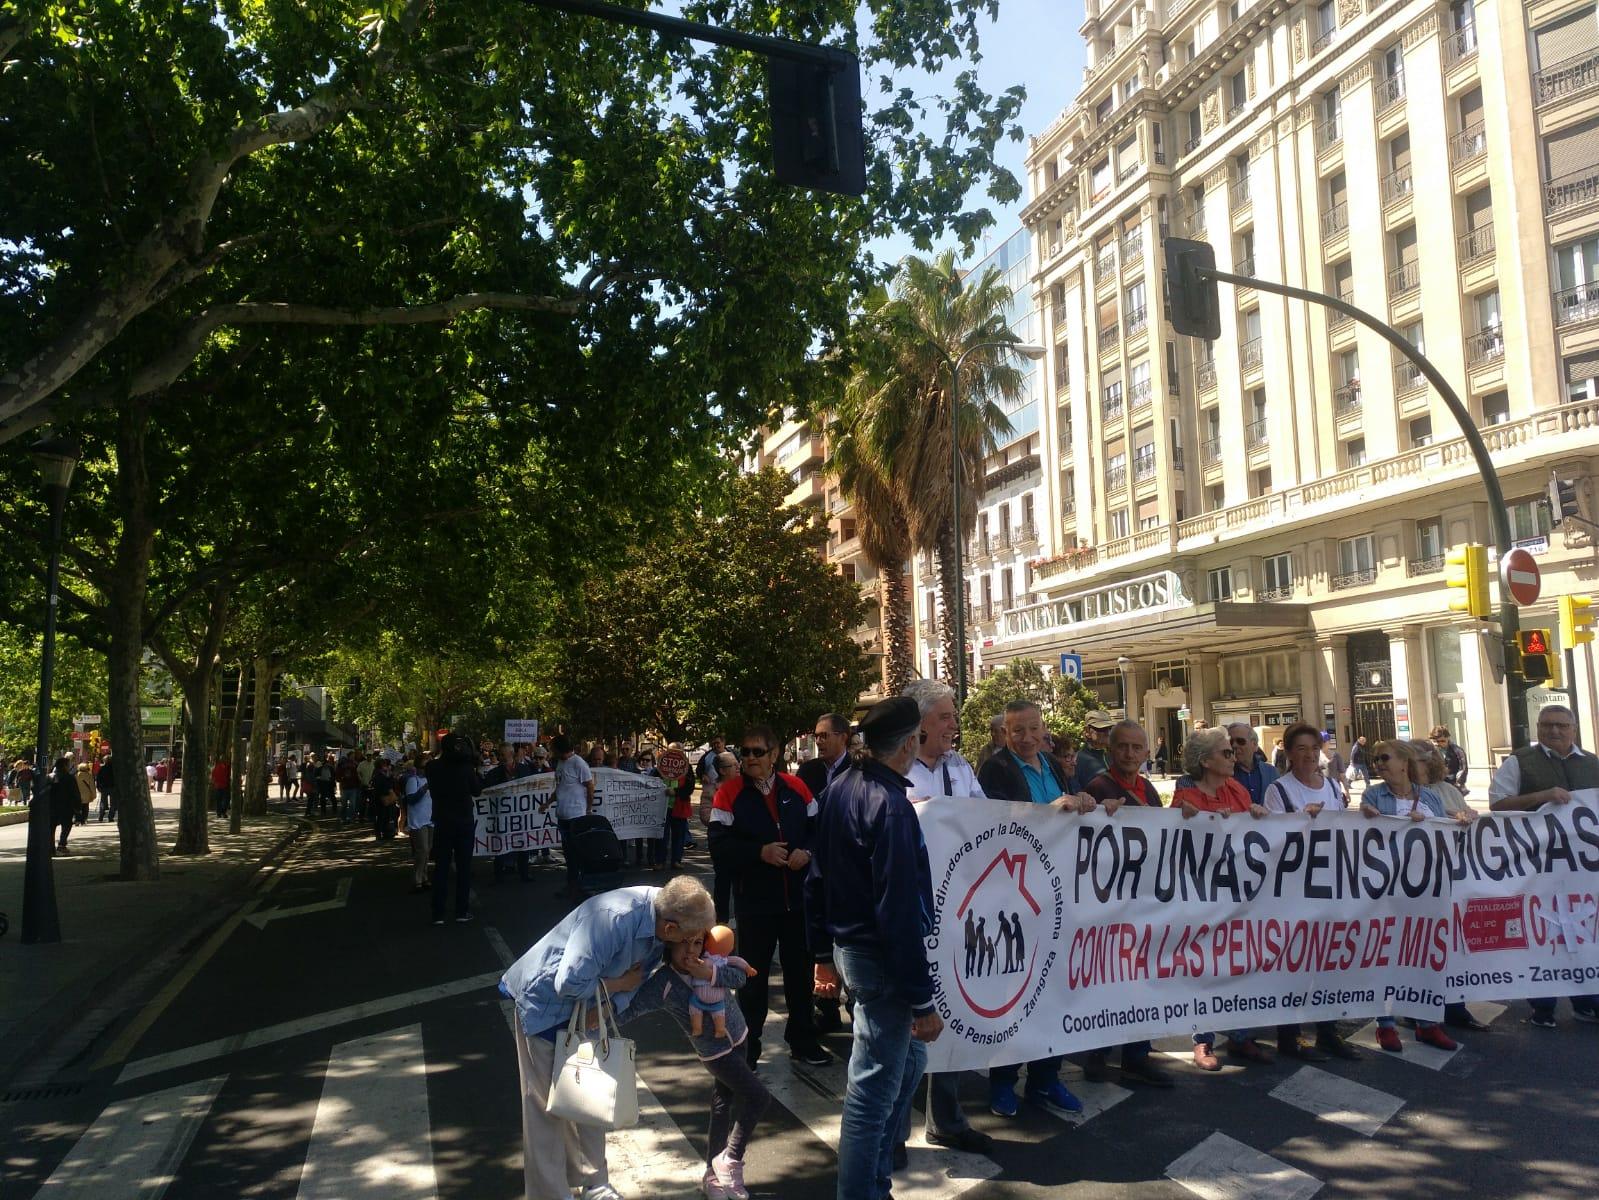 Zaragoza. Video y fotos manifestación por las pensiones públicas